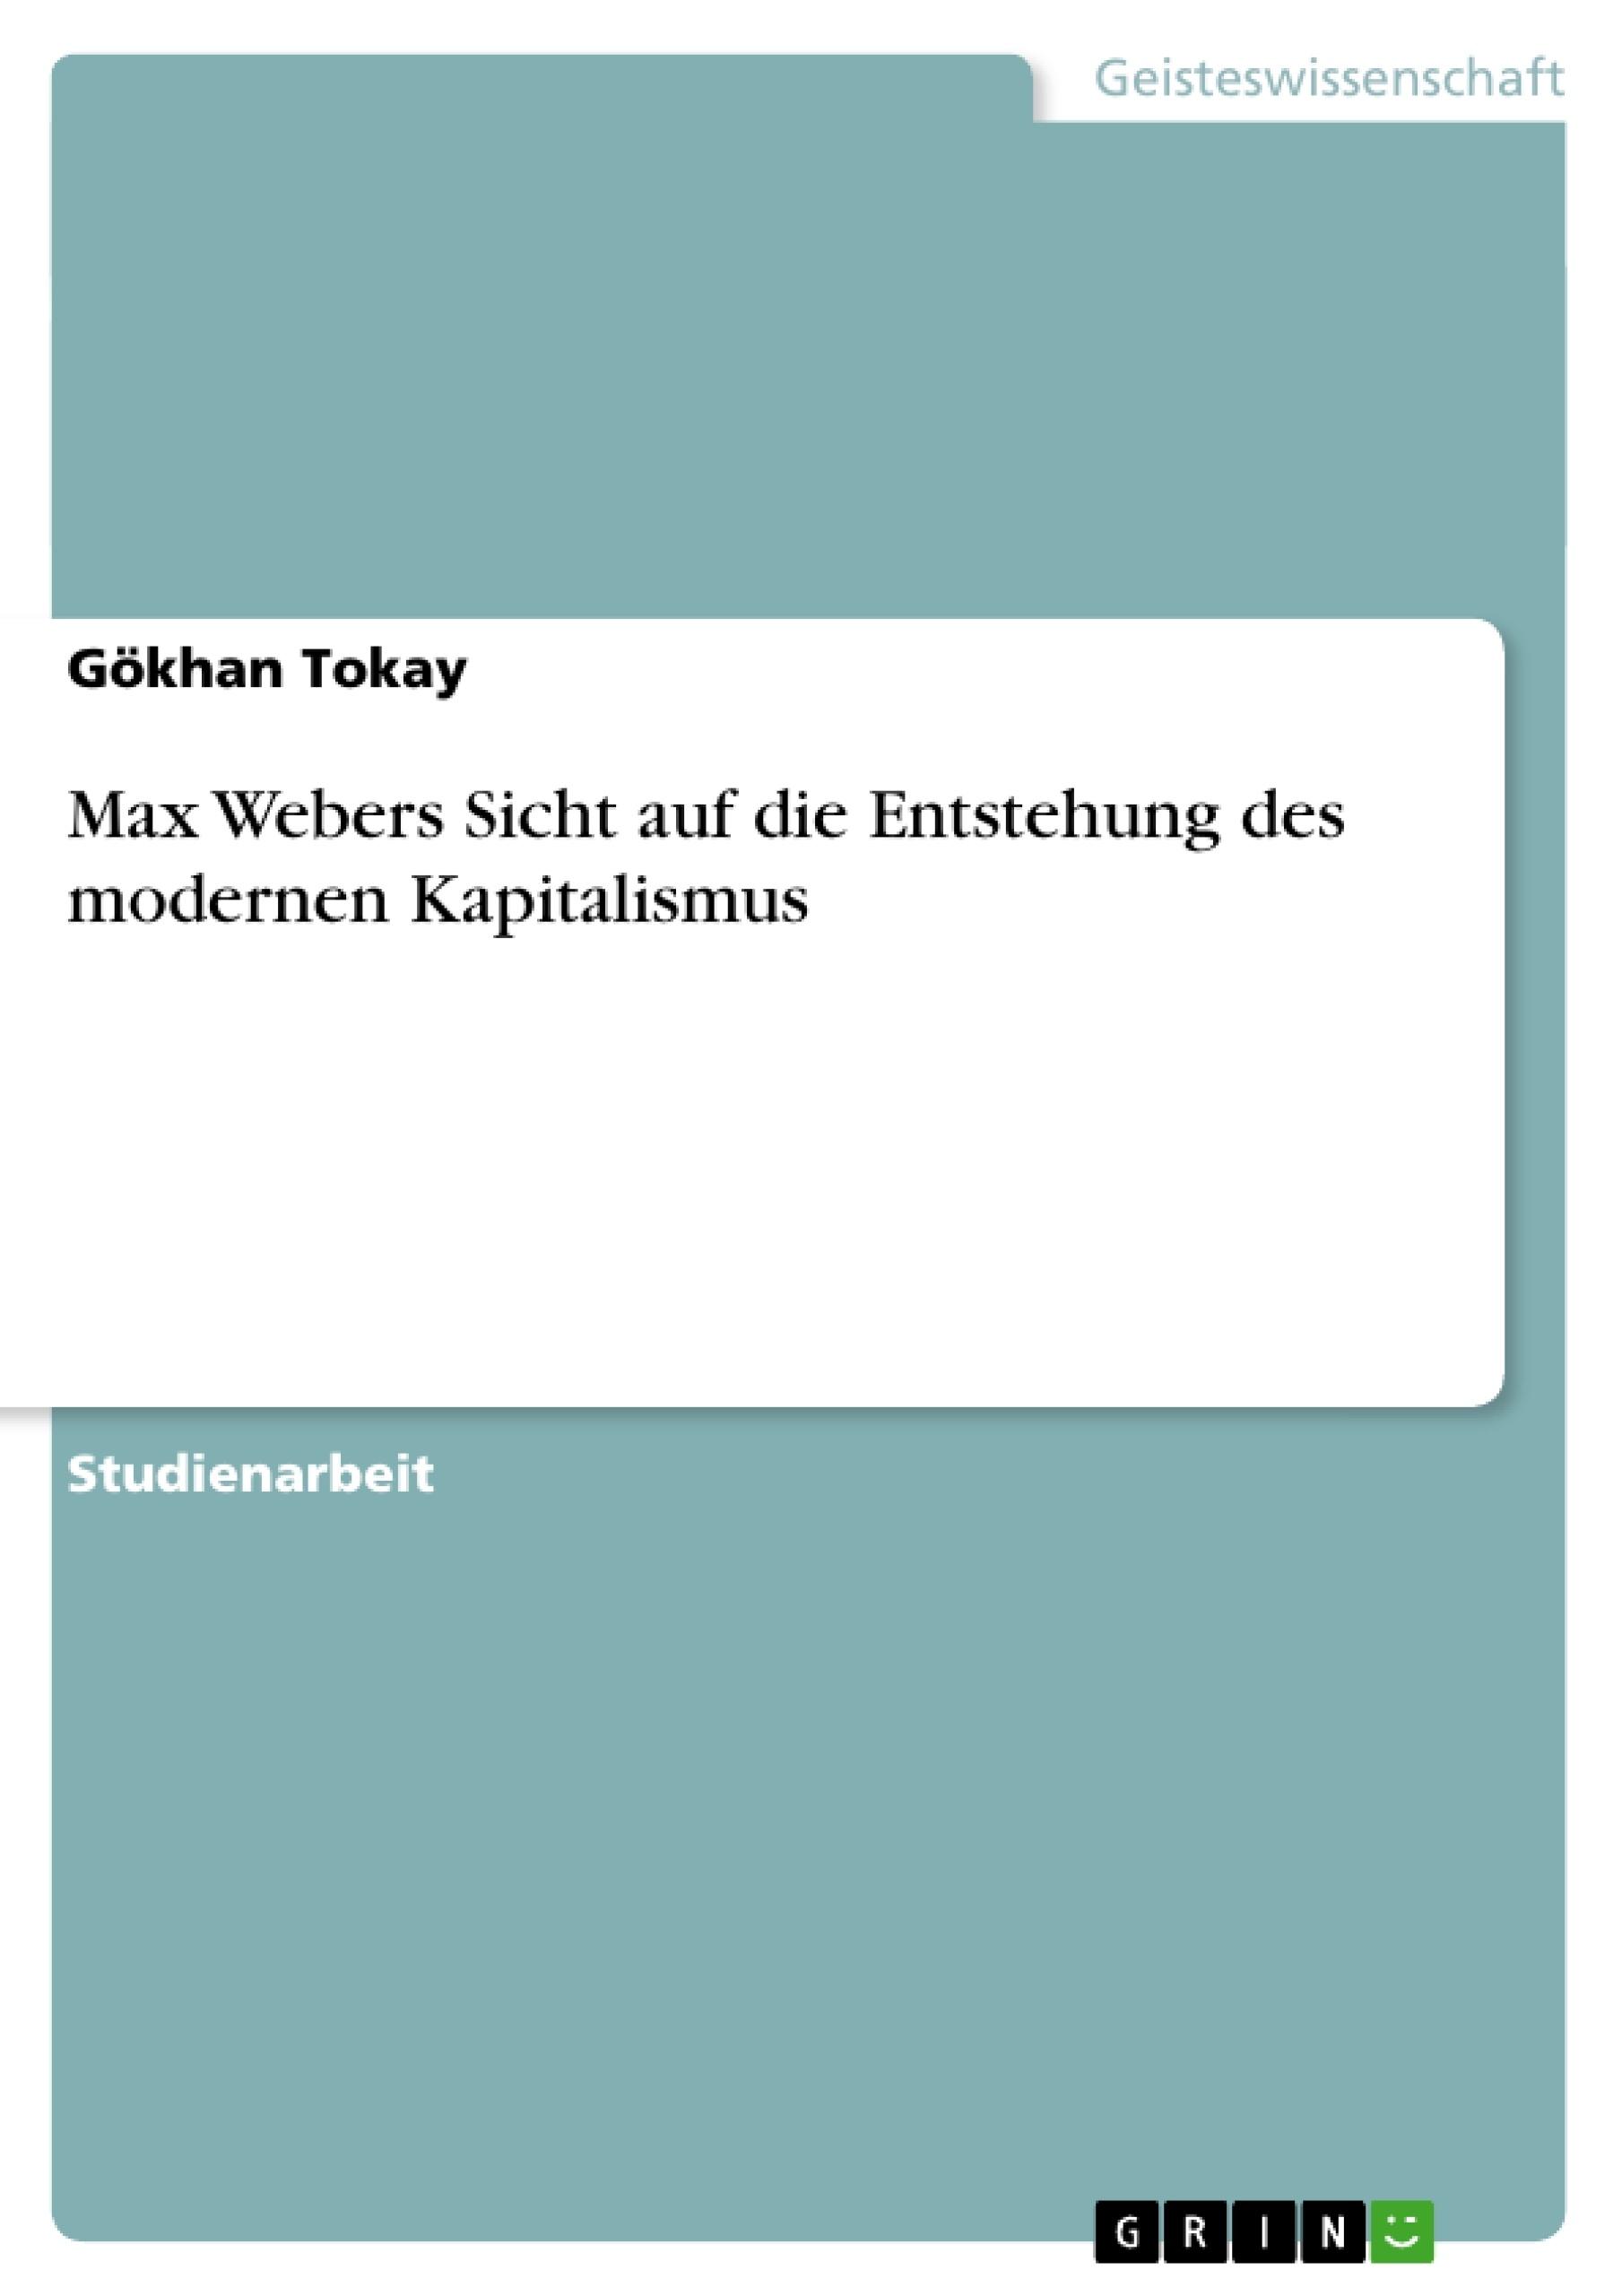 Titel: Max Webers Sicht auf die Entstehung des modernen Kapitalismus